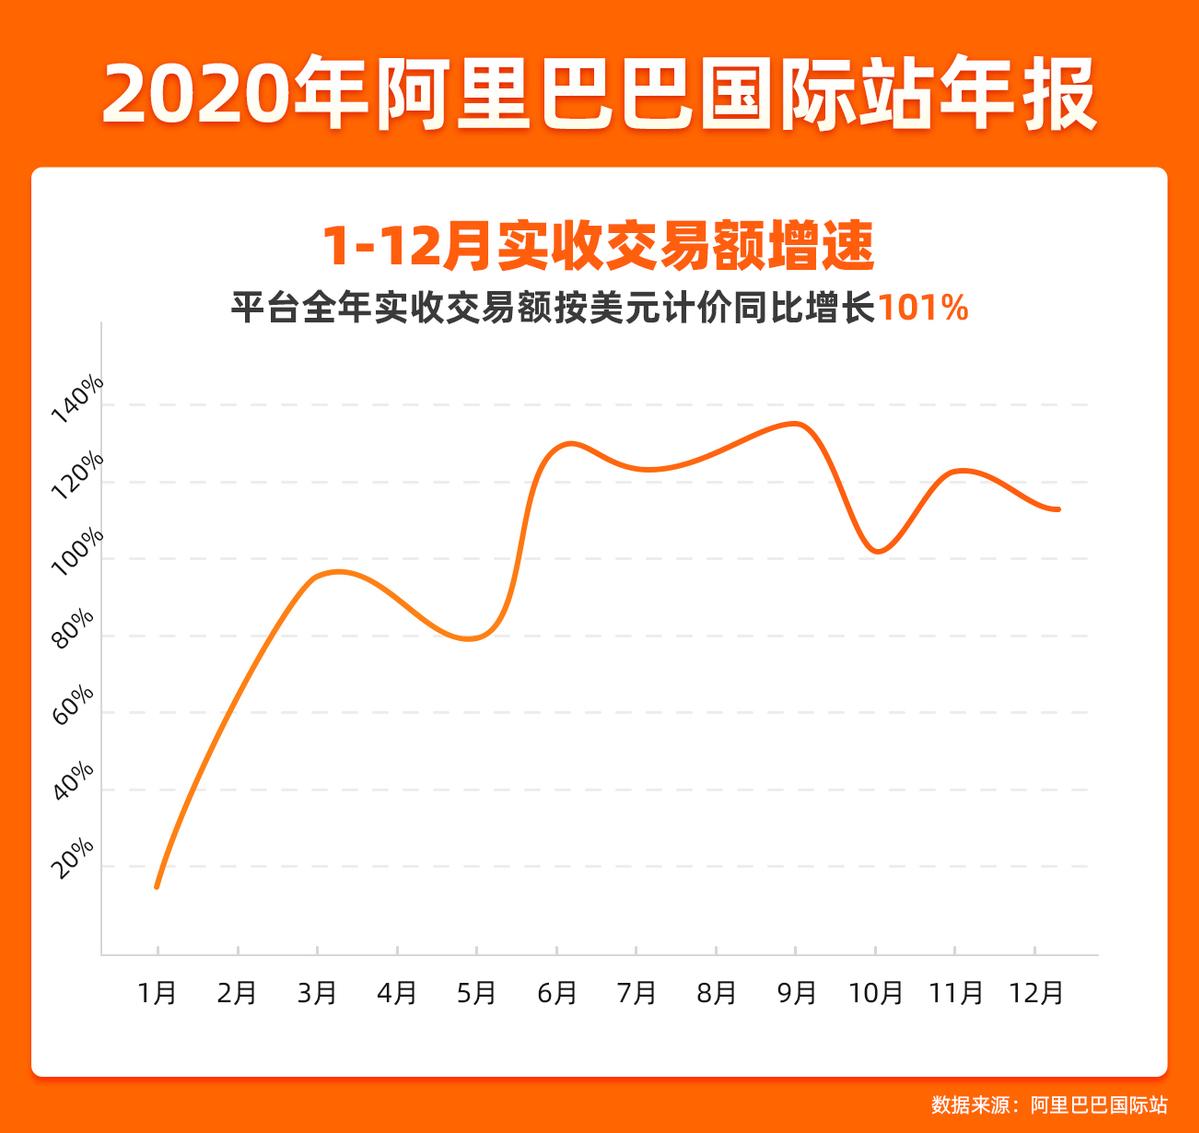 2020年数字化新外贸逆风翻盘 阿里国际站全年交易额激增101%